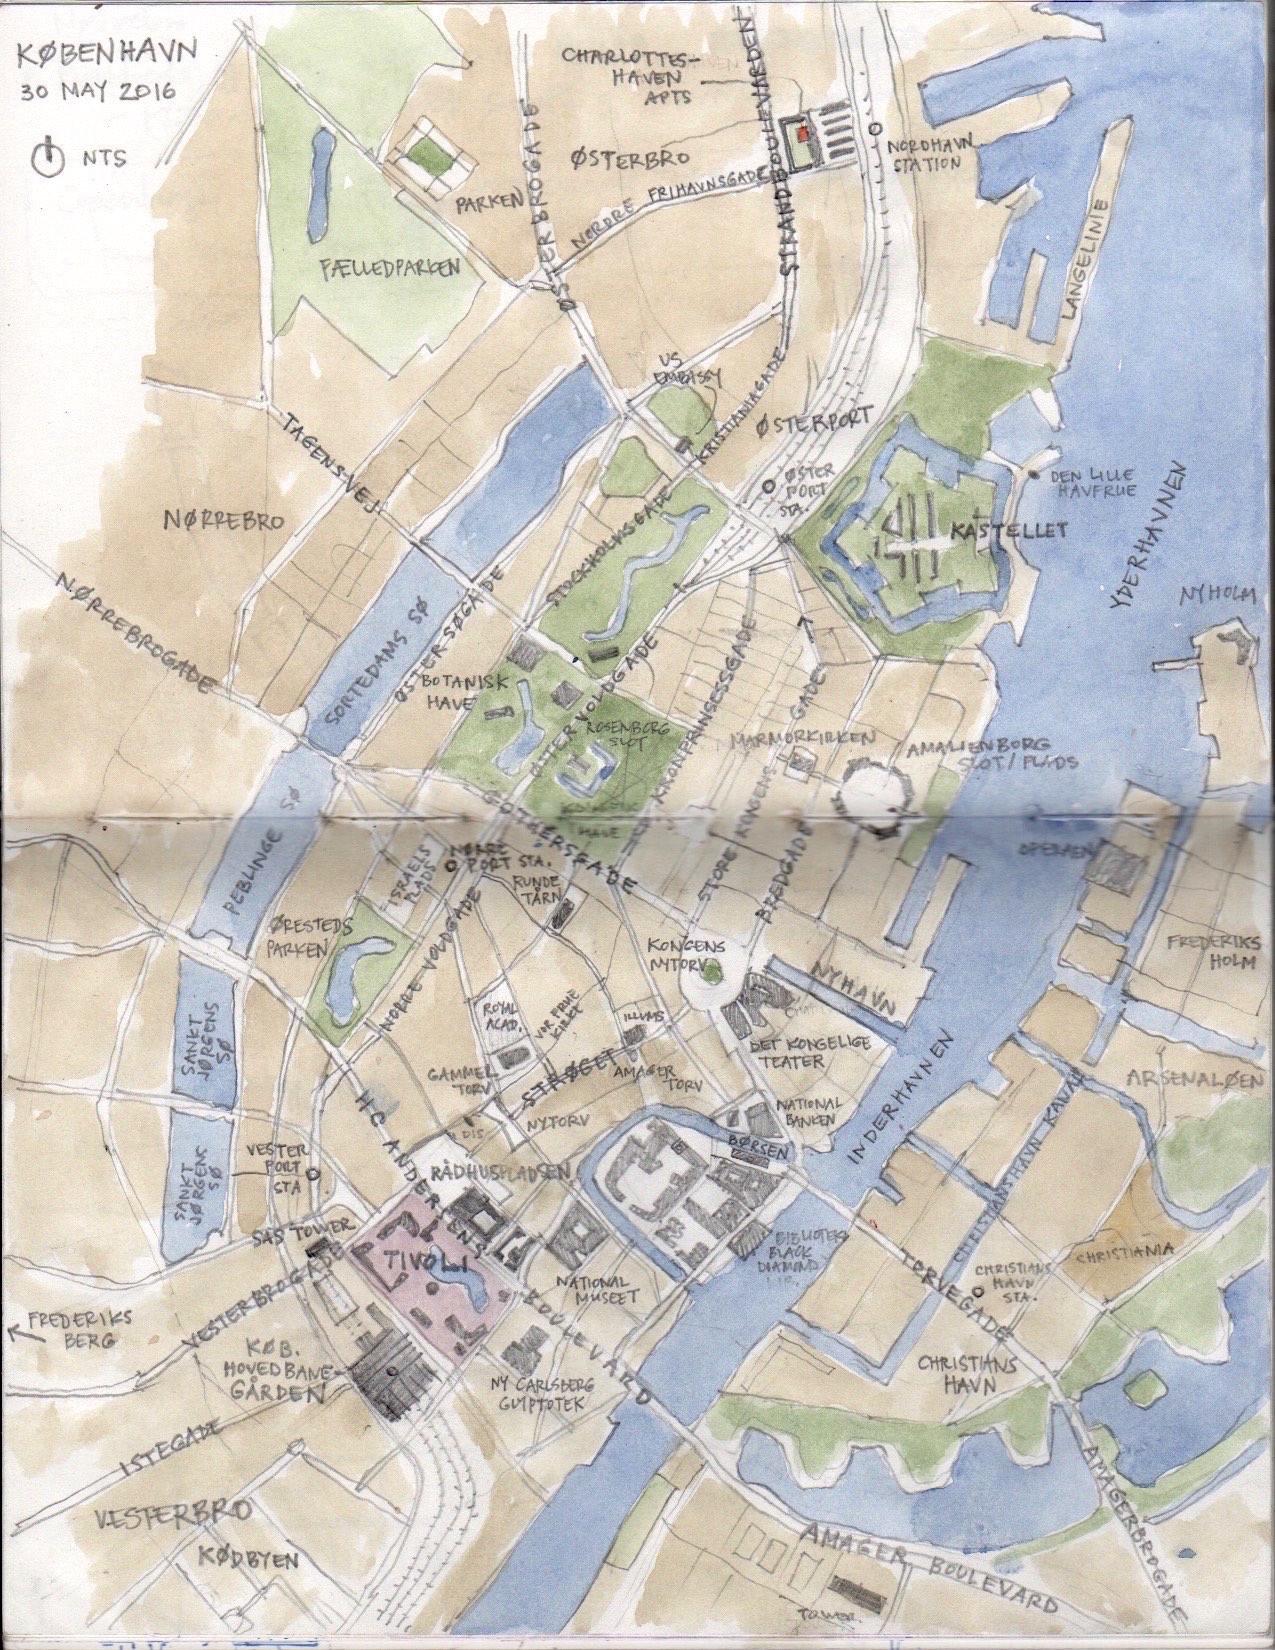 Copenhagen_map.jpg